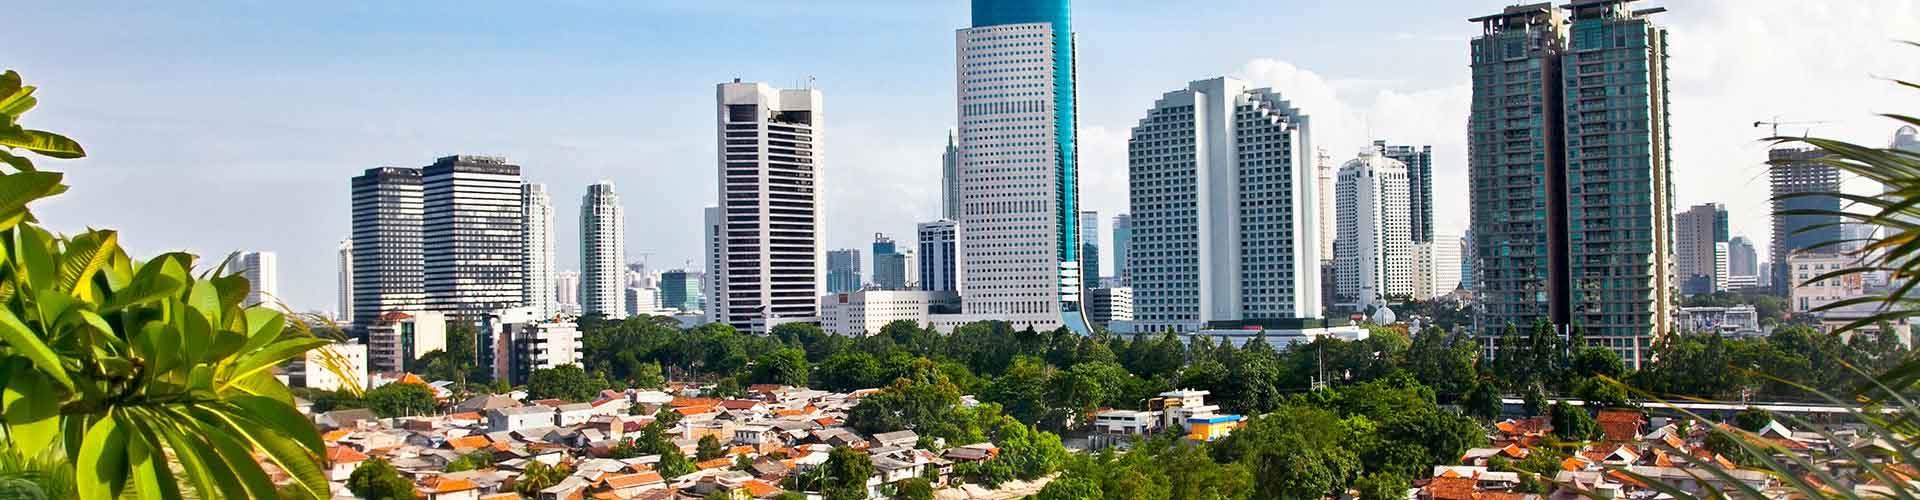 Yakarta - Habitaciones en Yakarta. Mapas de Yakarta, Fotos y comentarios de cada Habitación en Yakarta.